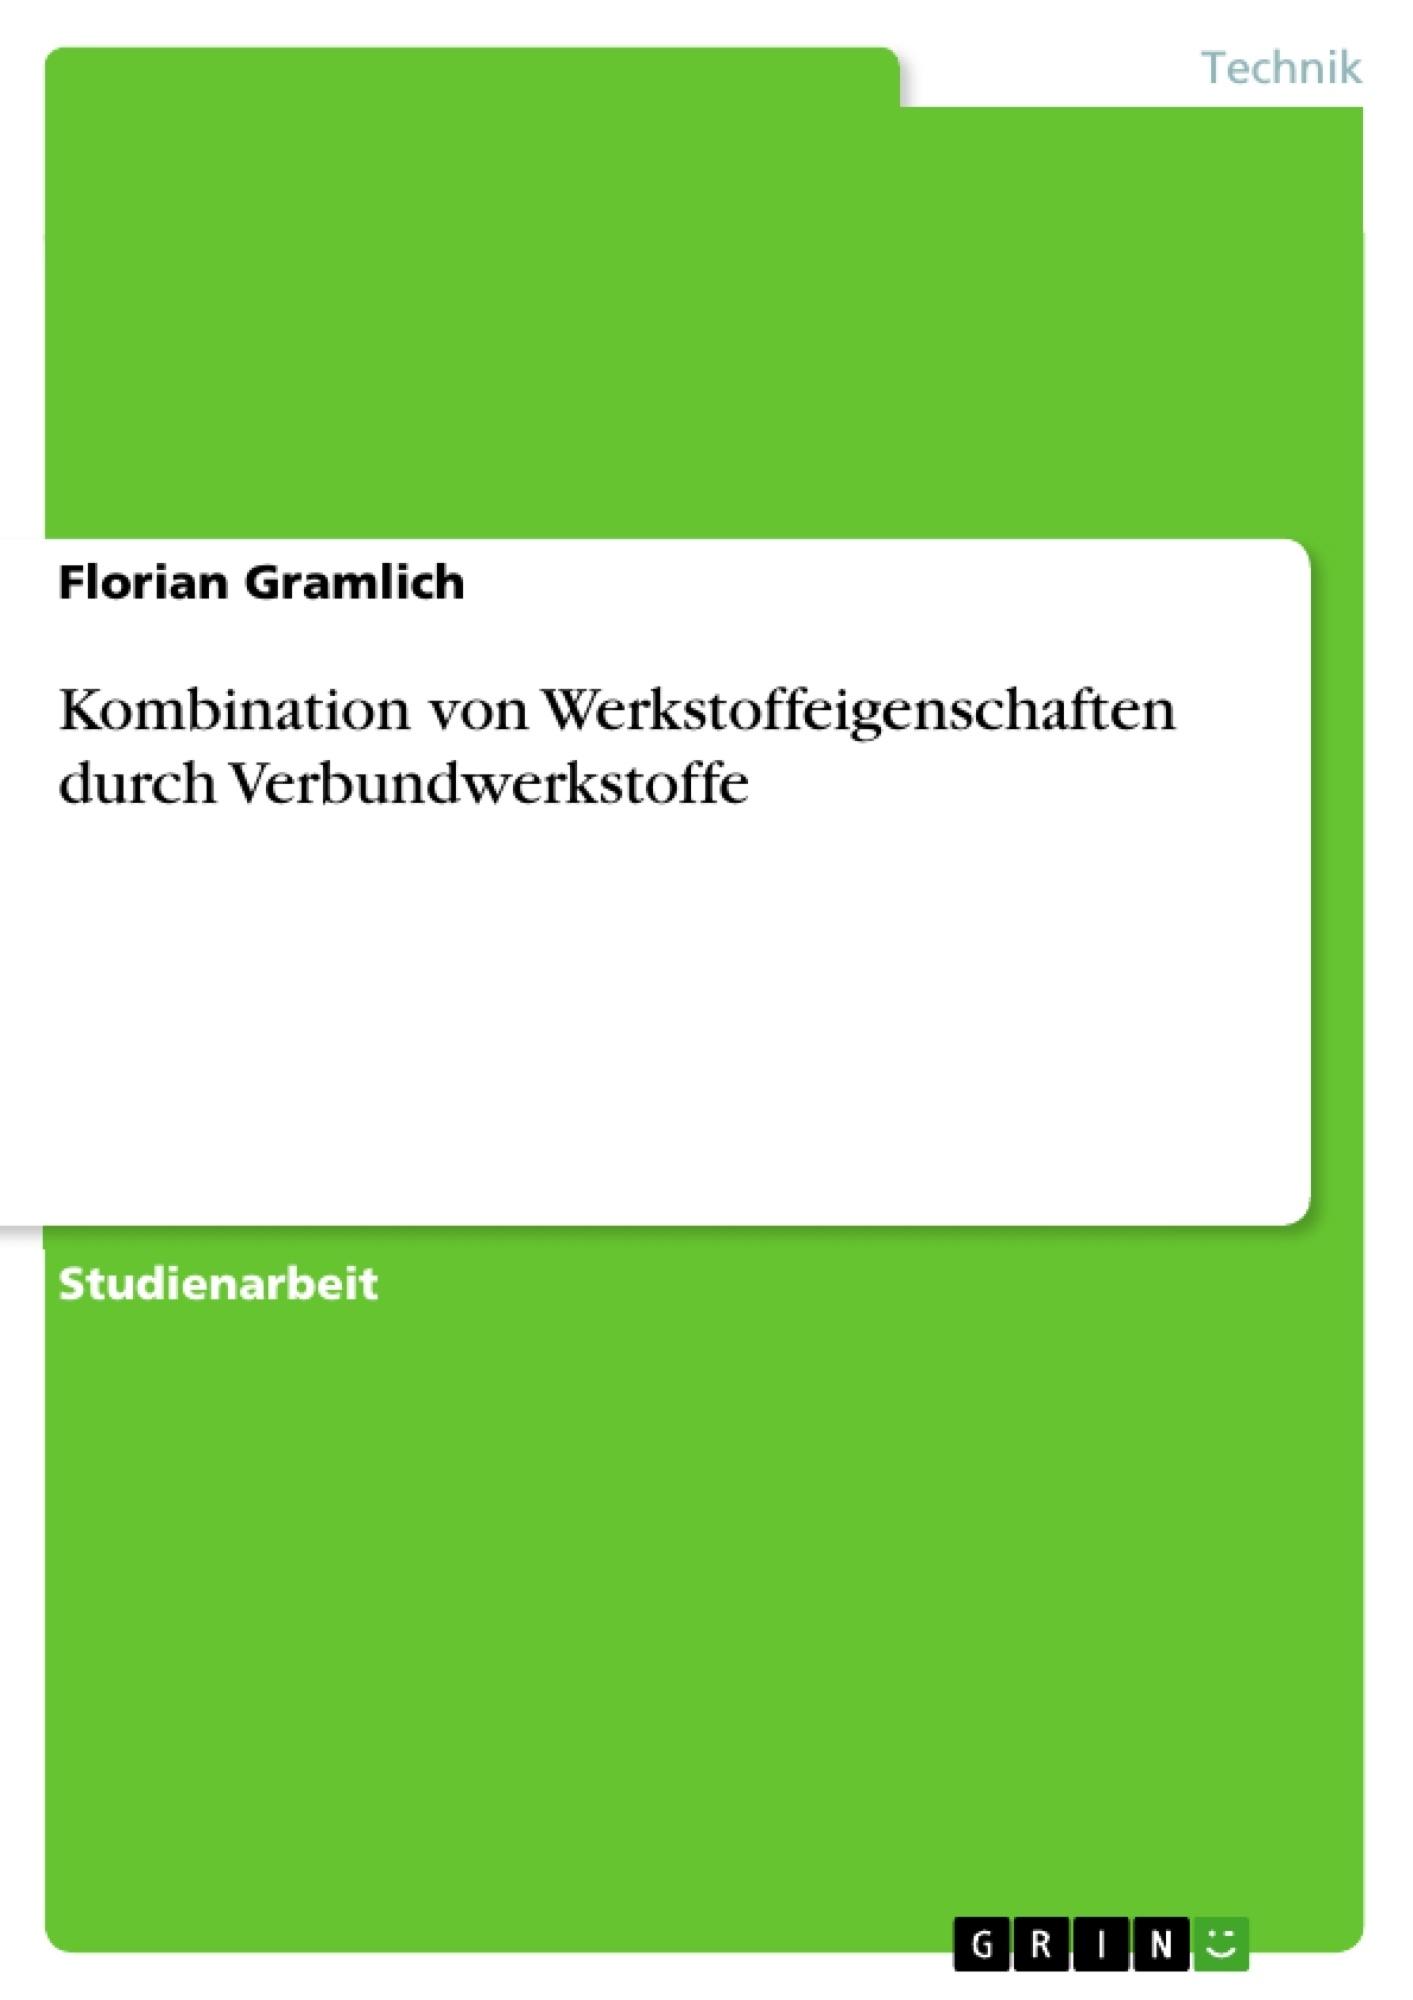 Titel: Kombination von Werkstoffeigenschaften durch Verbundwerkstoffe